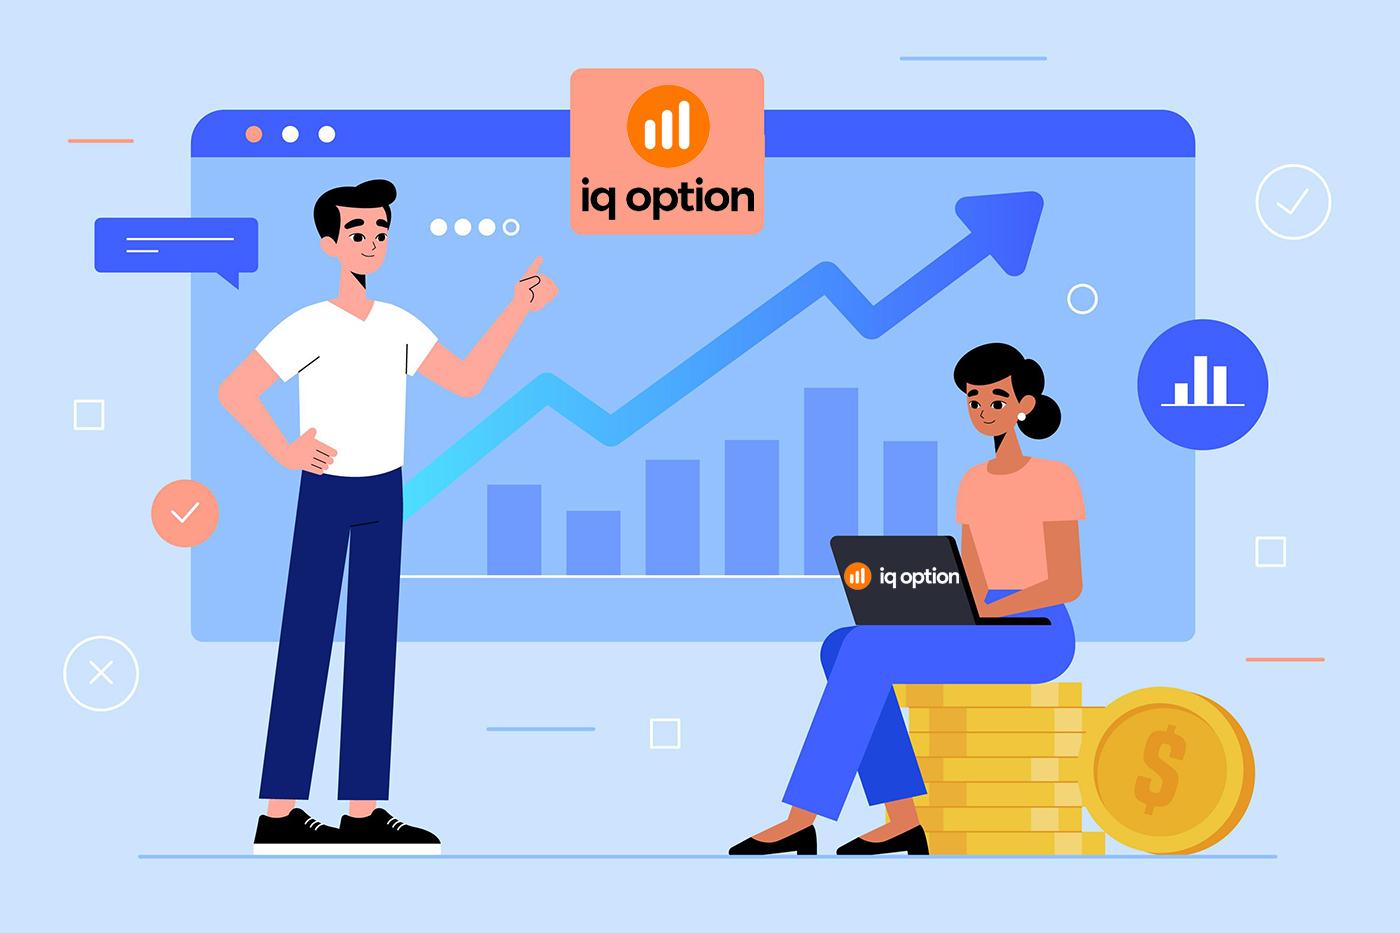 Cách giao dịch các công cụ CFD (Ngoại hối, Tiền điện tử, Cổ phiếu) trong IQ Option